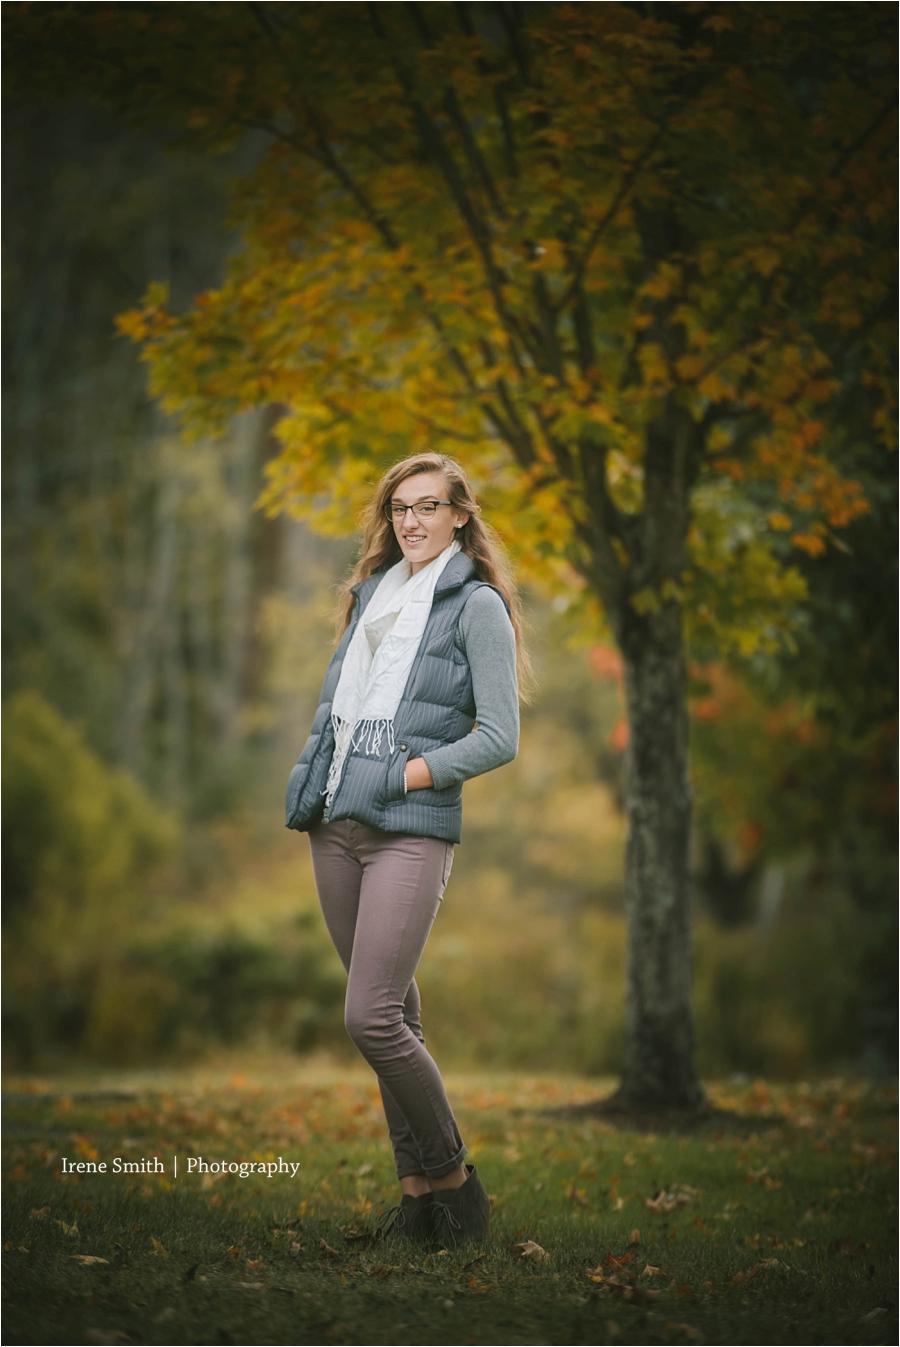 Senior-photography-Irene-Smith-Photography-Oil-City-Franklin-Pennsylvania_0002.jpg